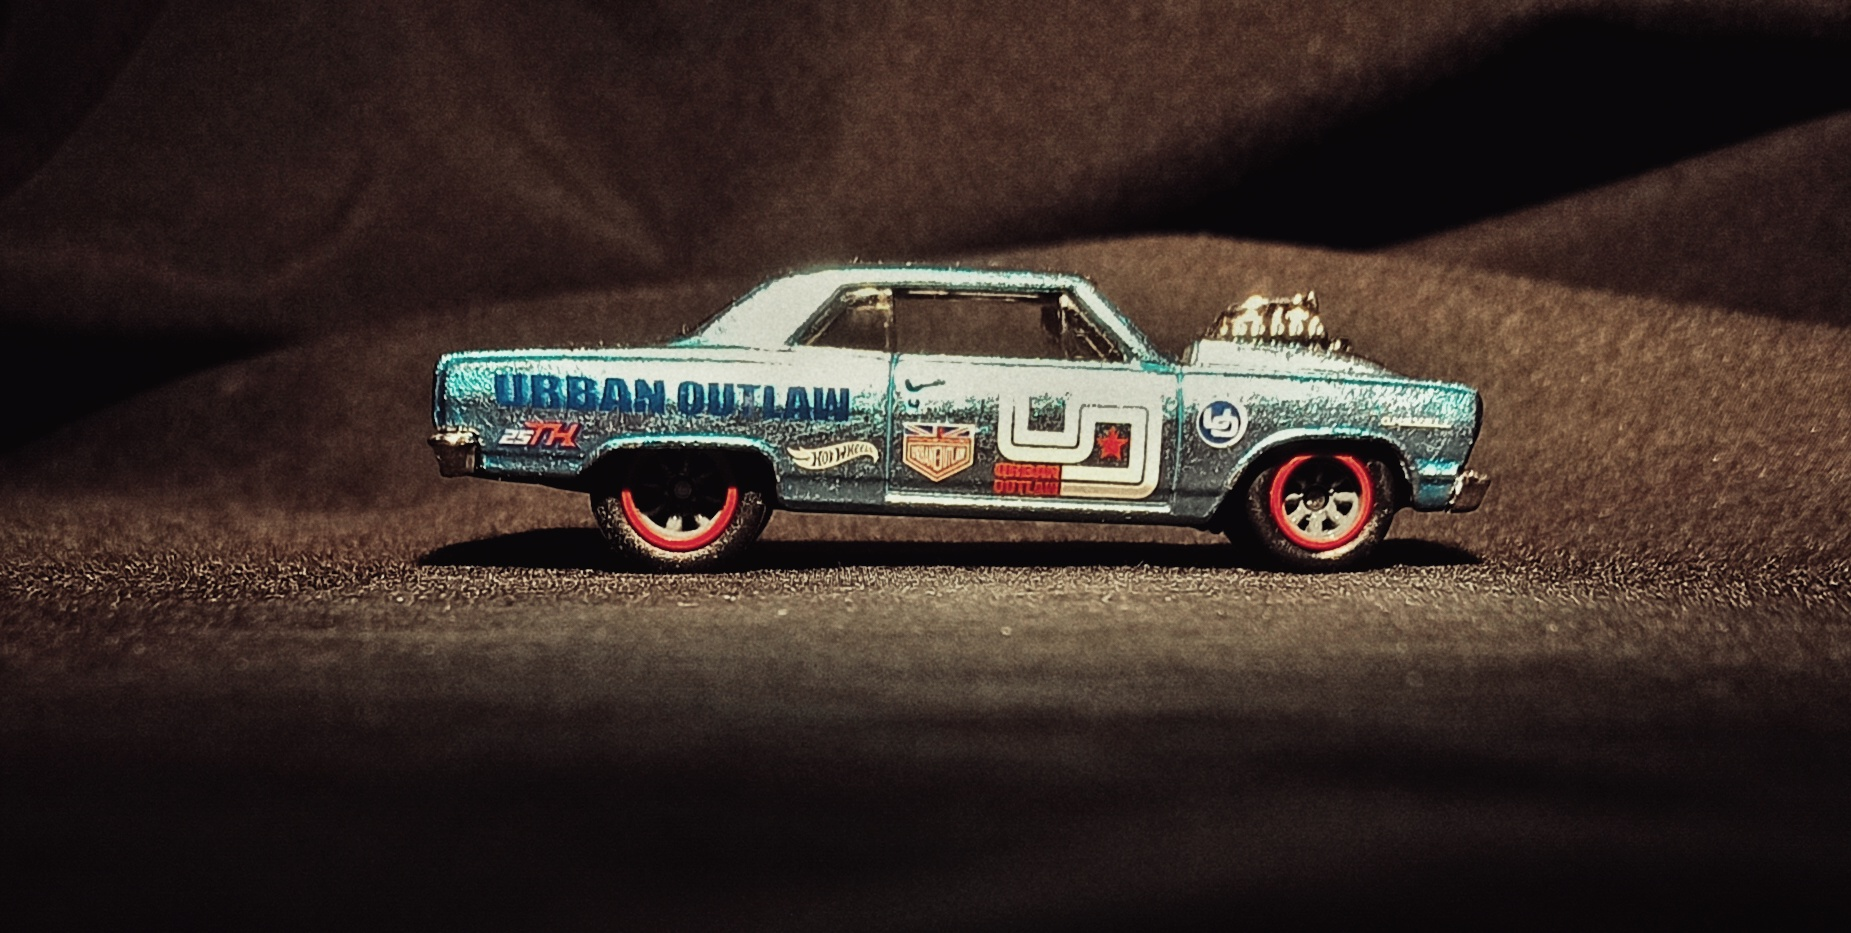 Hot Wheels '64 Chevy Chevelle SS (GHG25) 2020 (247/250) Nightburnerz (10/10) spectraflame light blue Magnus Walker Urban Outlaw Super Treasure Hunt (STH) side